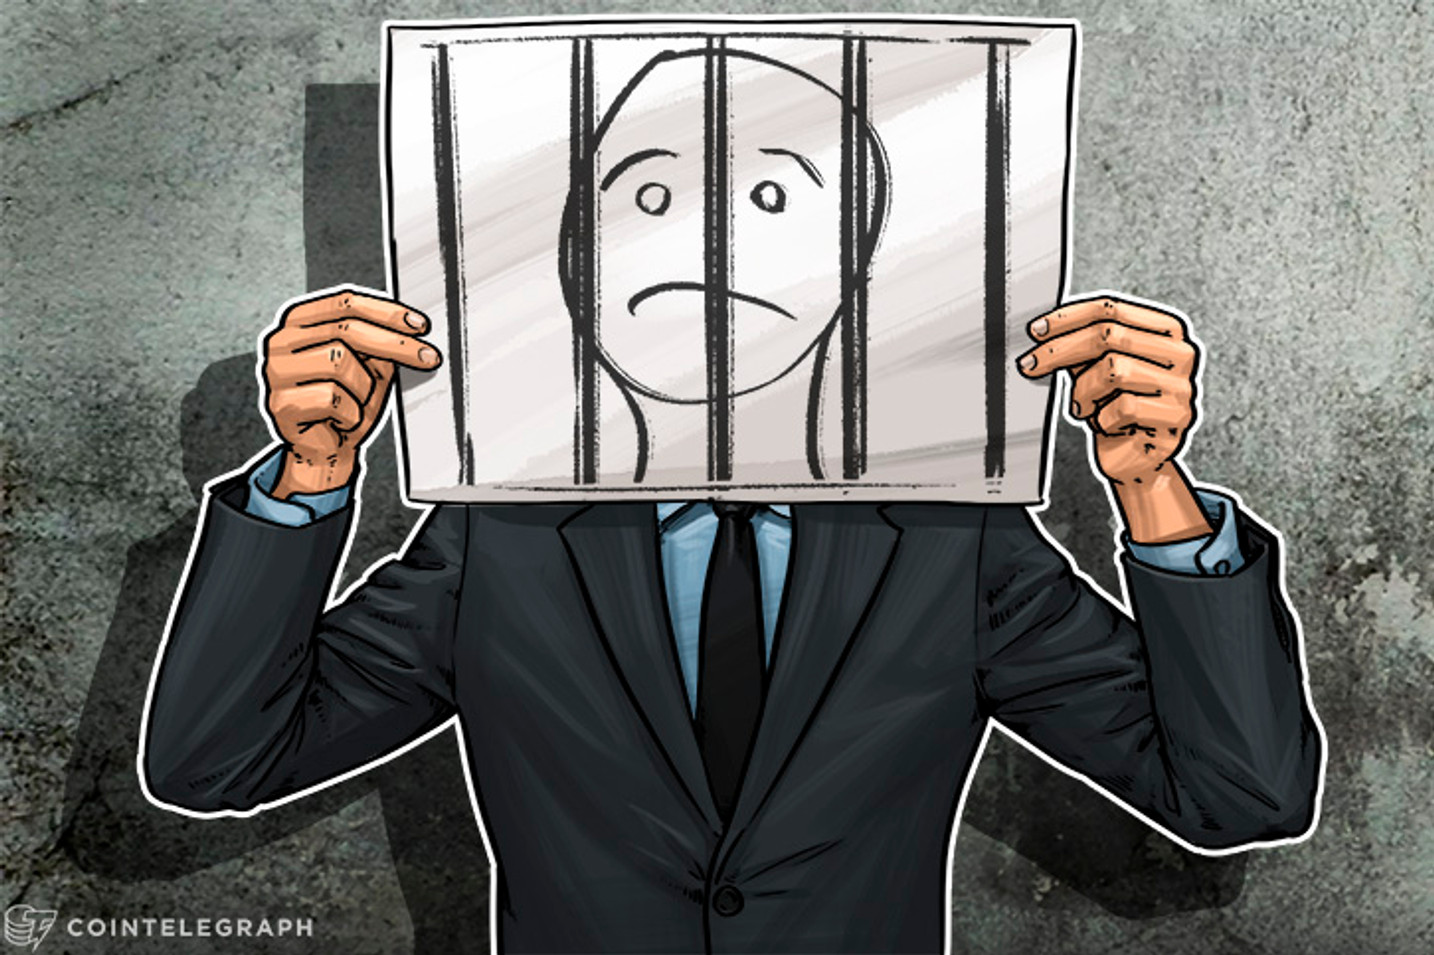 El fundador de Samsung será multado por almacenar miles de millones en 200 cuentas de paraísos fiscales, el mérito de Bitcoin